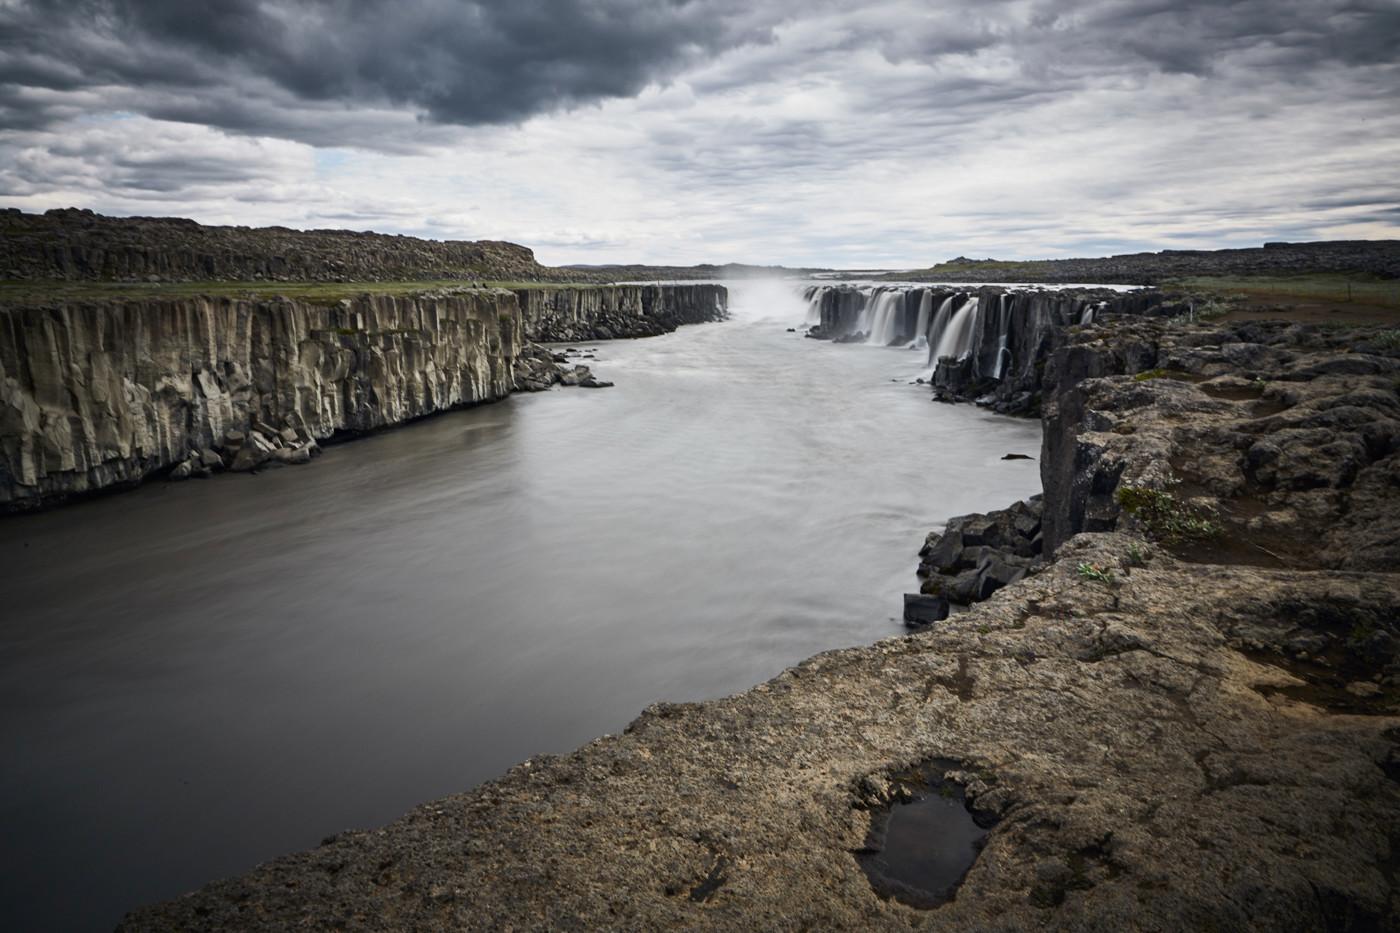 Der Selfoss Wasserfall in seiner Ganzen Pracht. Nur etwa 2 Stunden von Akureyri entfernt. Von der Ostseite aufgenommen.